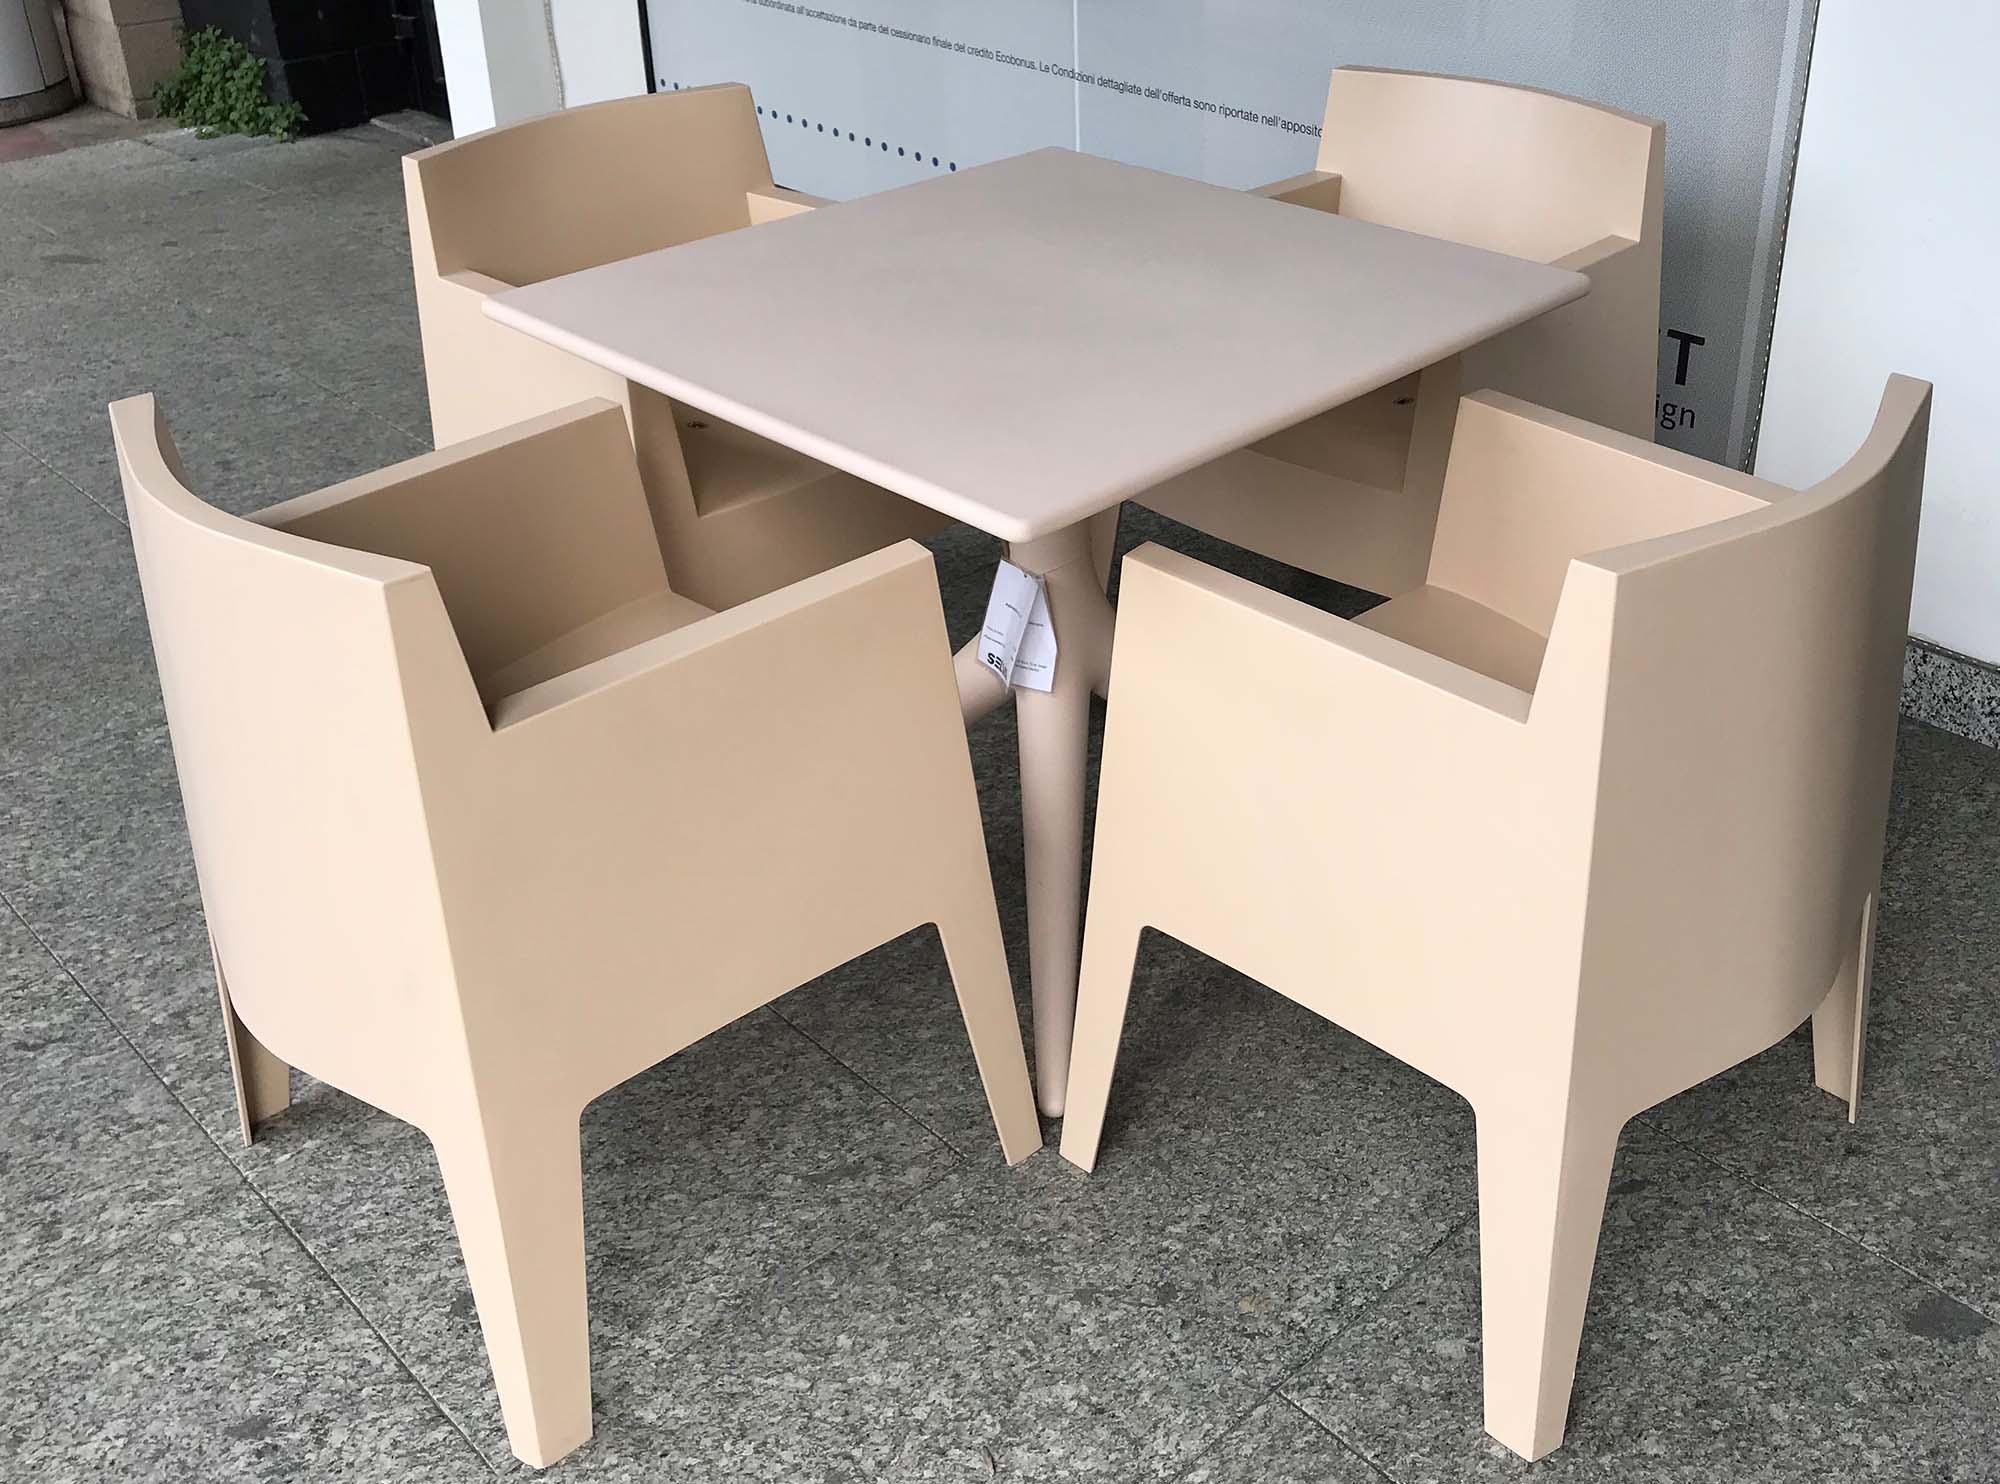 Tavolino Driade App Image